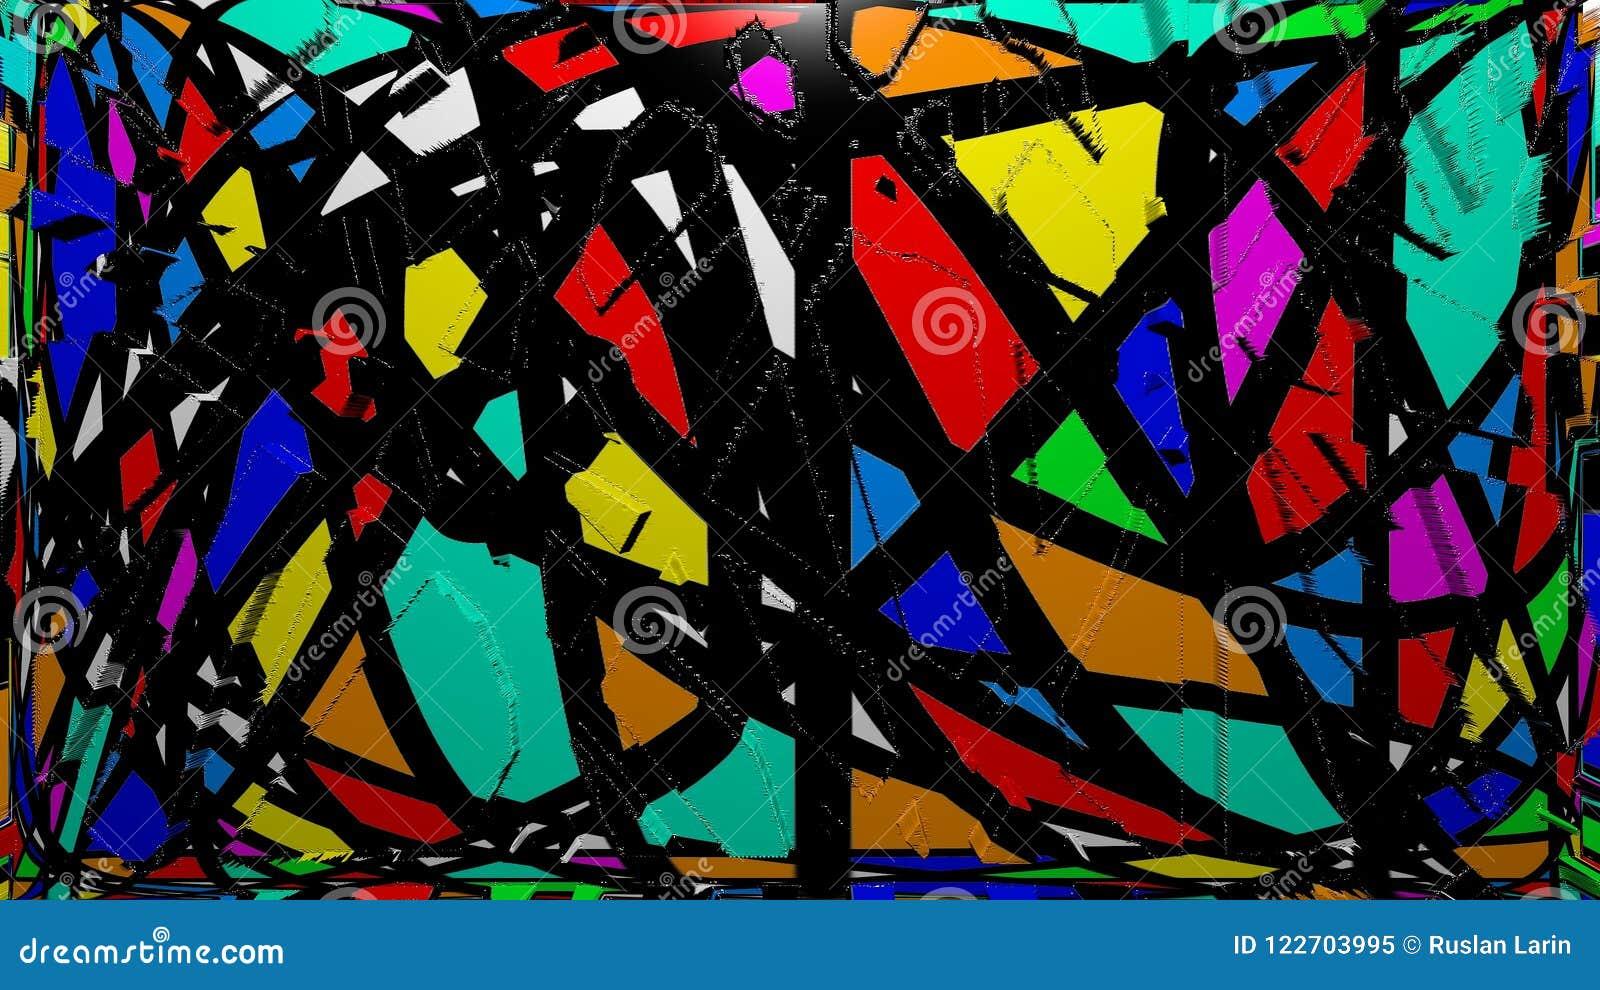 Colorful Abstract Mosaic Graffiti Wall Stock Illustration